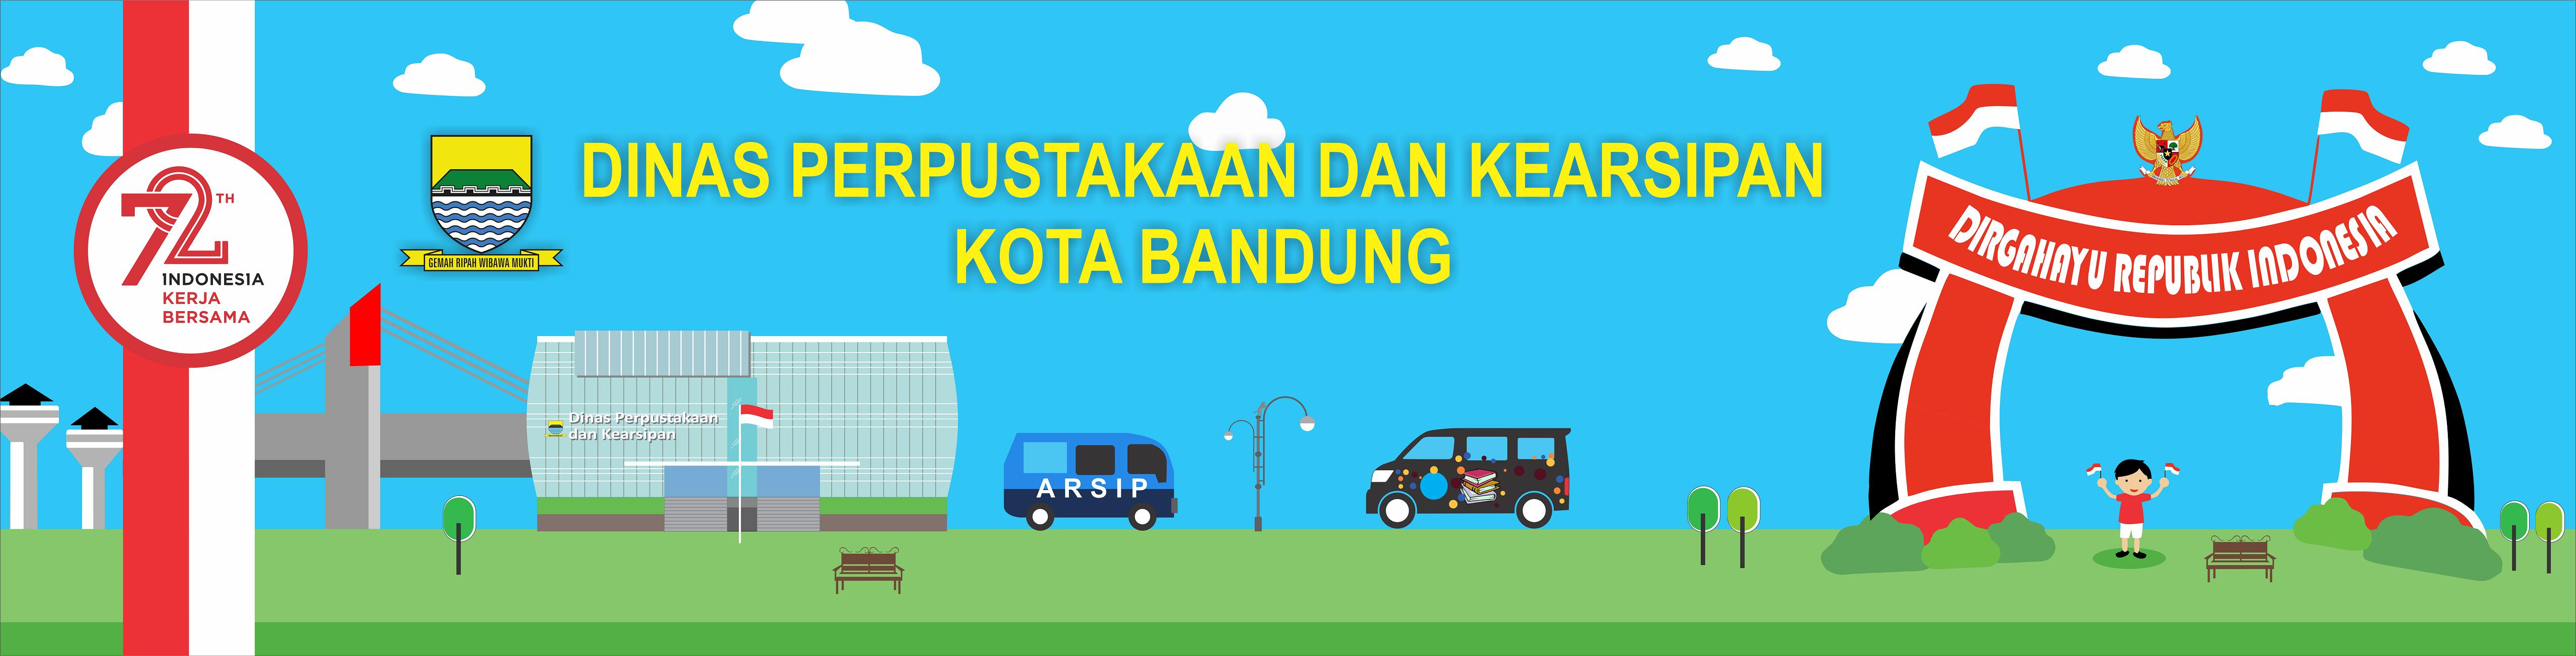 Dinas Perpustakaan dan Kearsipan Kota Bandung